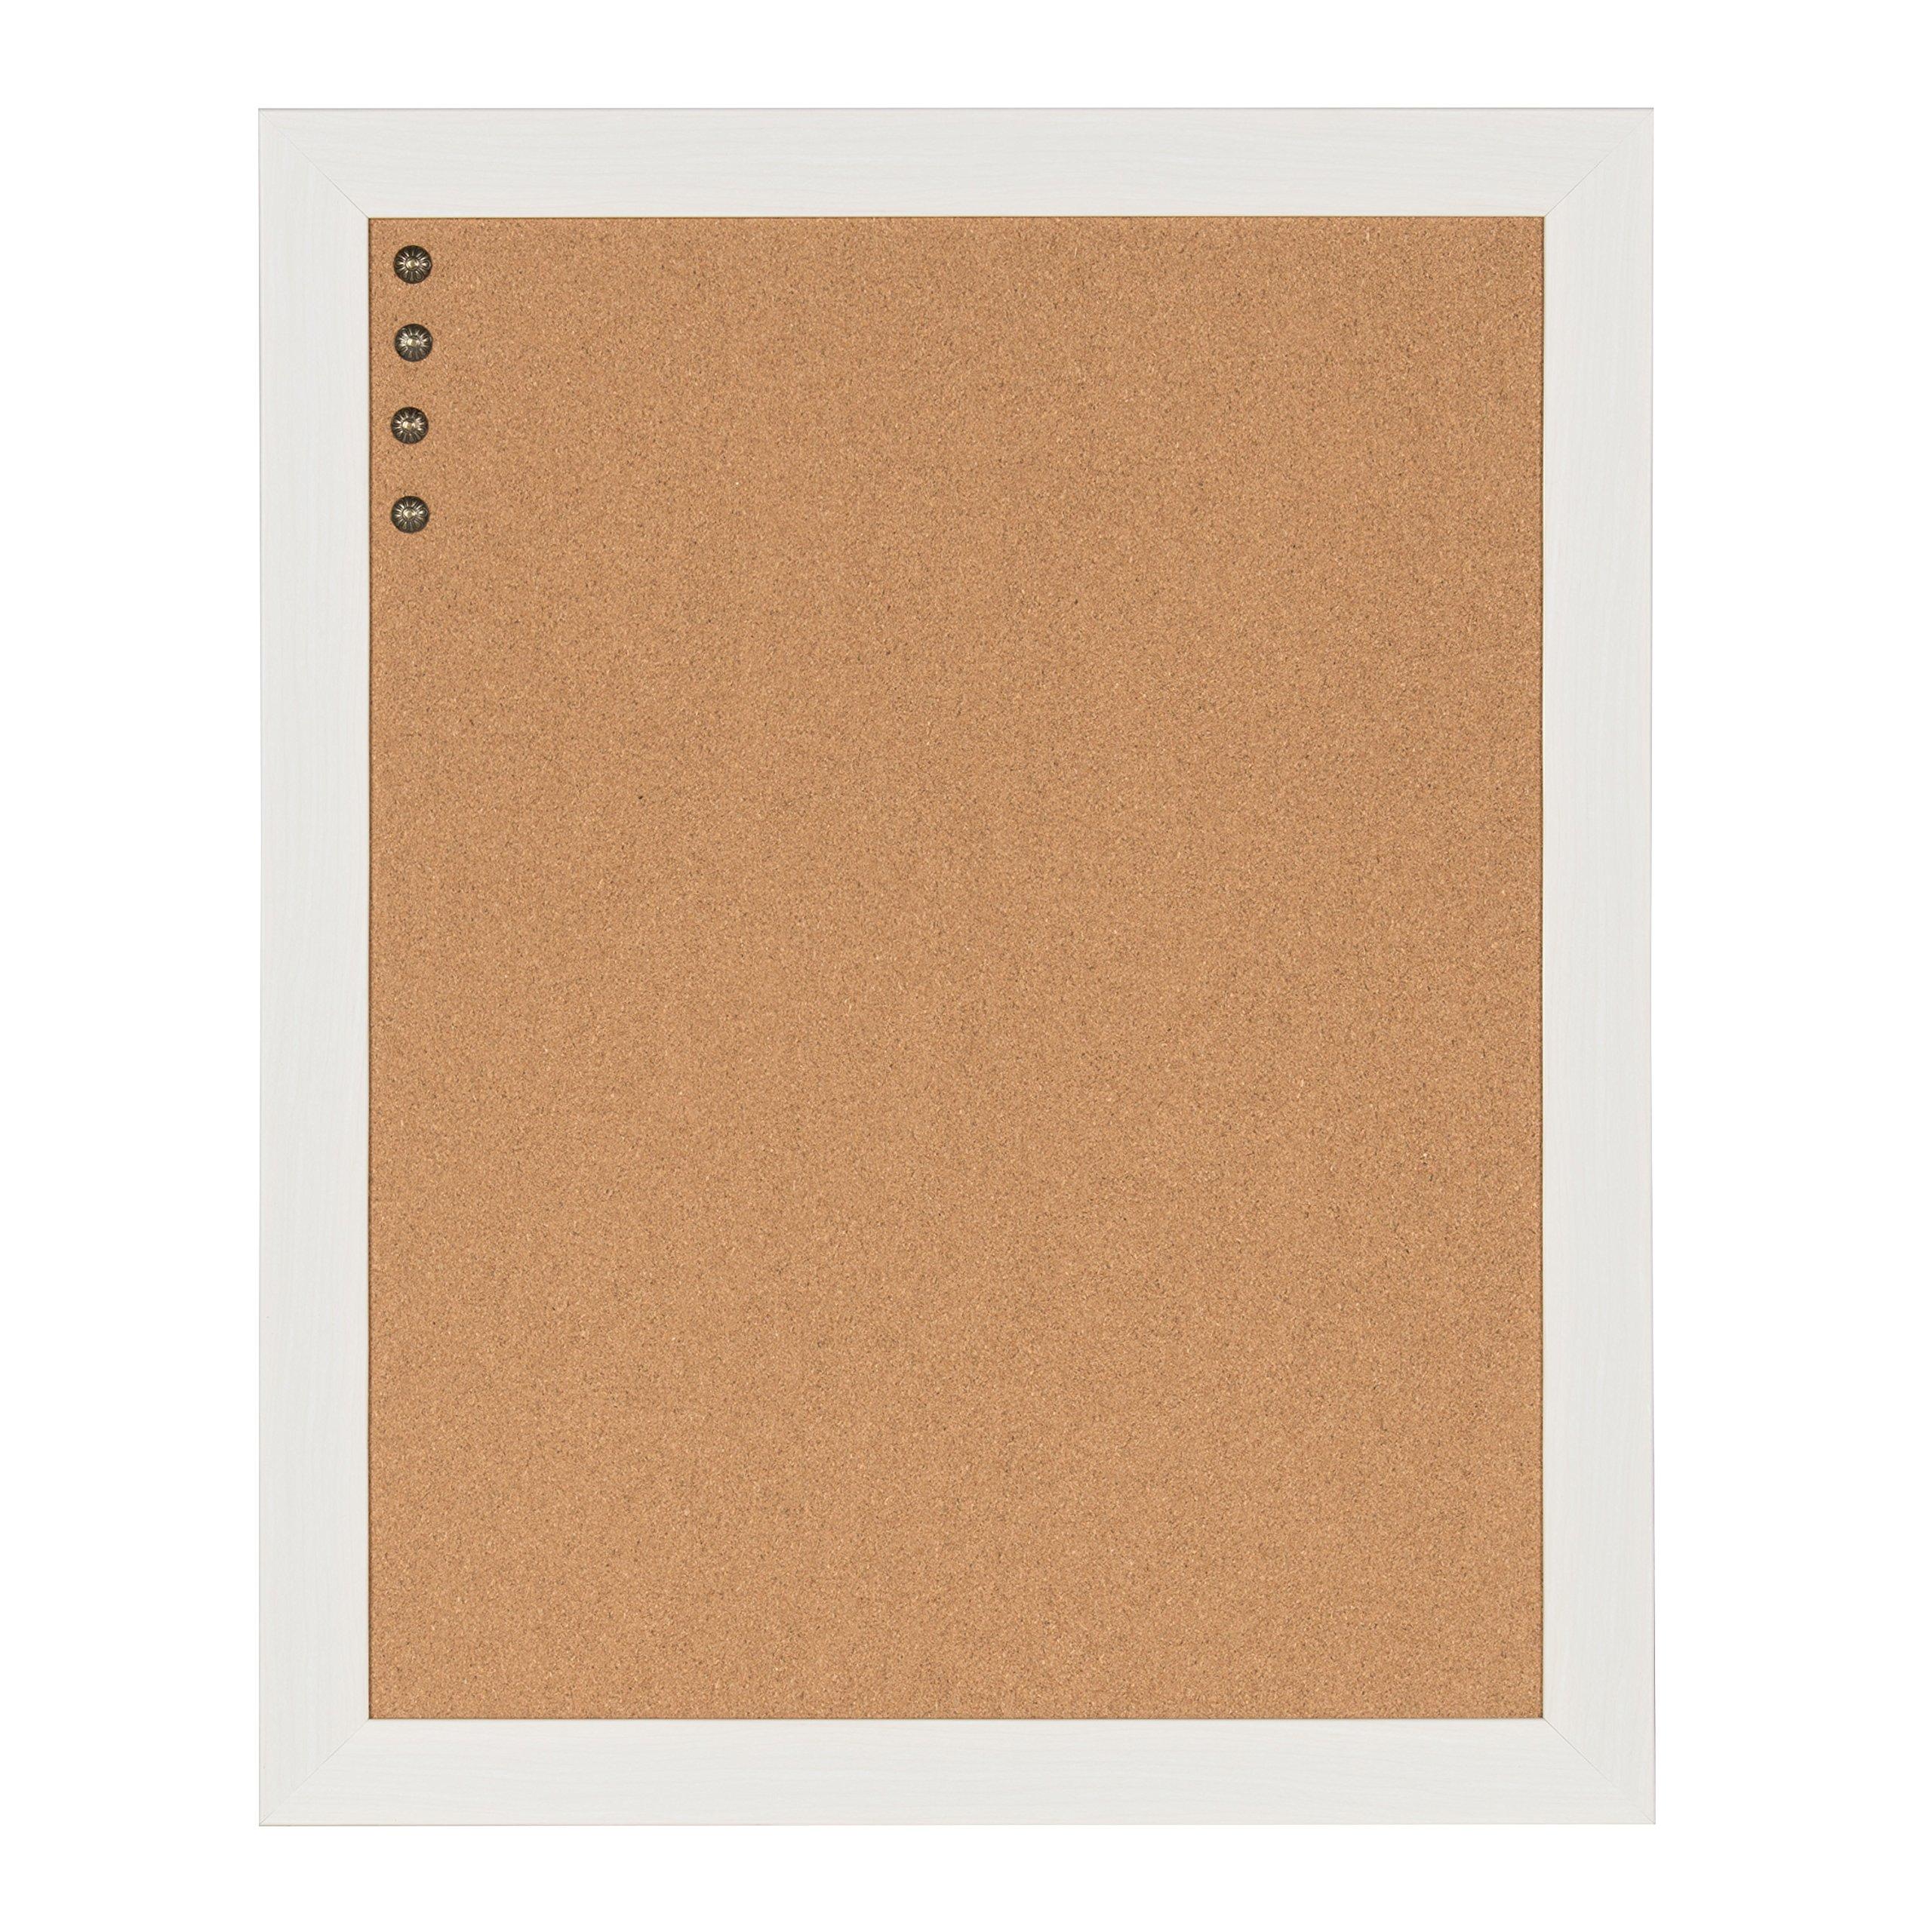 DesignOvation Beatrice Framed Corkboard, 23x29, White by DesignOvation